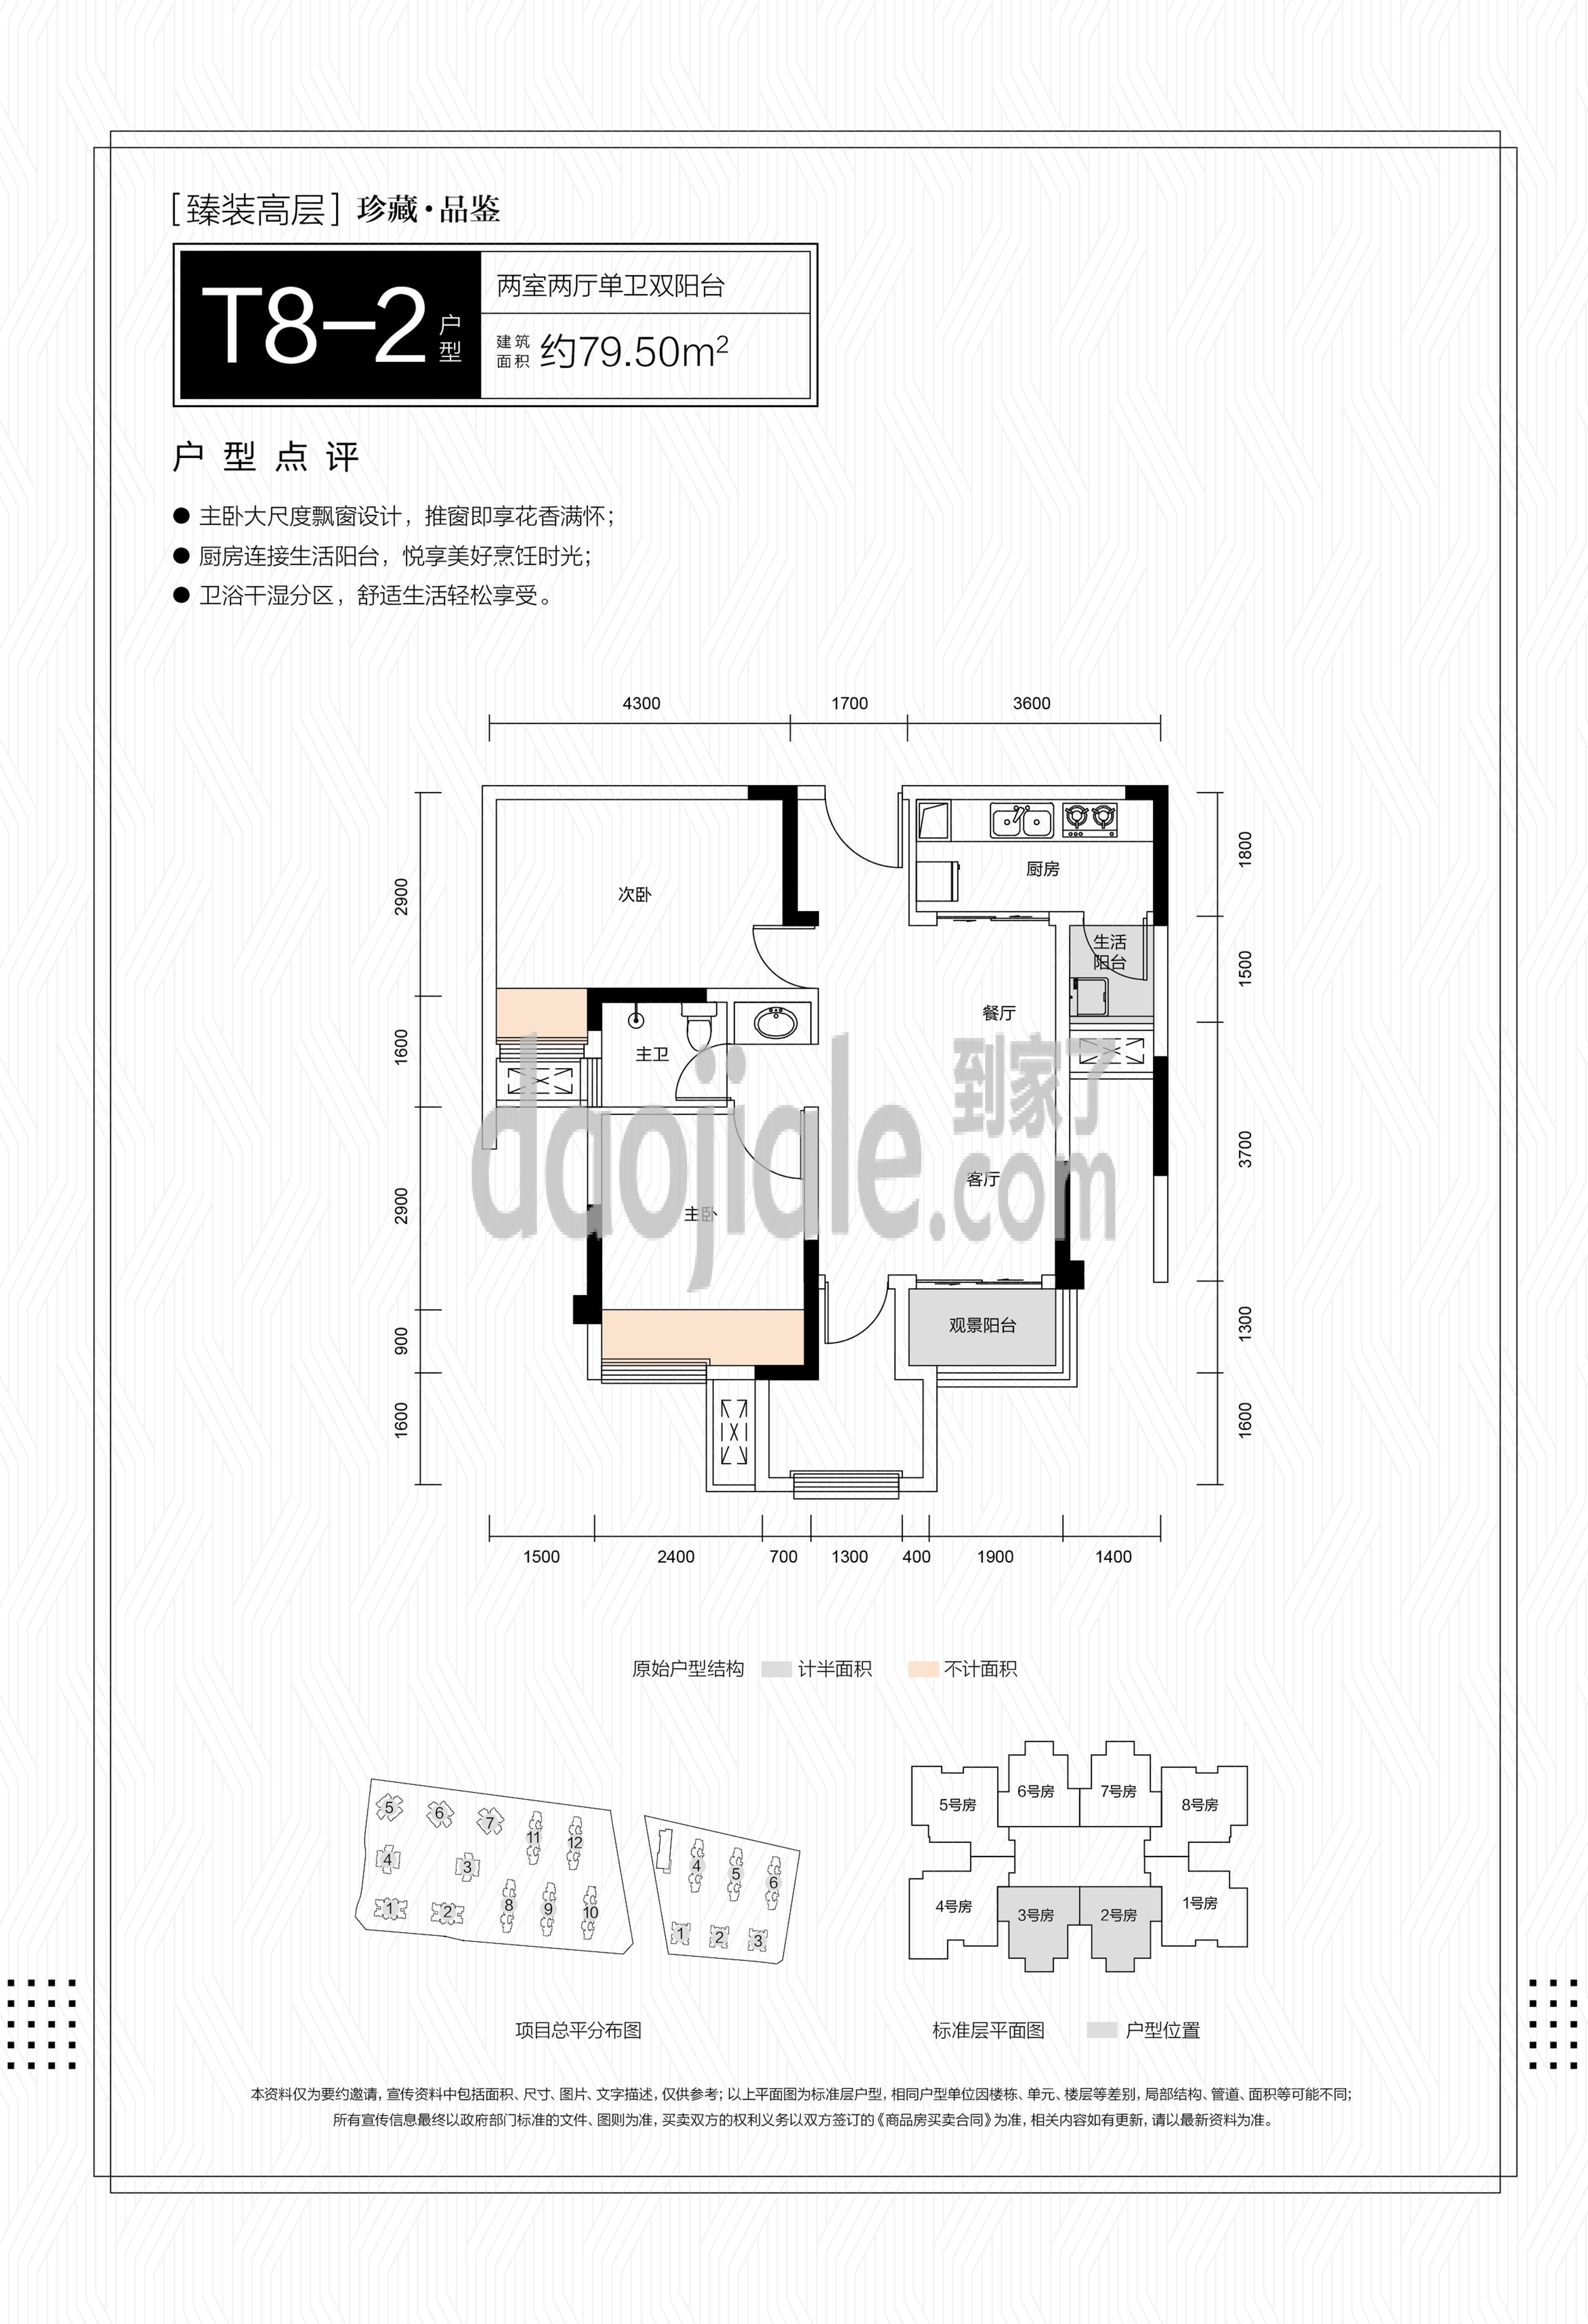 巴南区龙洲湾和泓文华府新房T8-2户型图